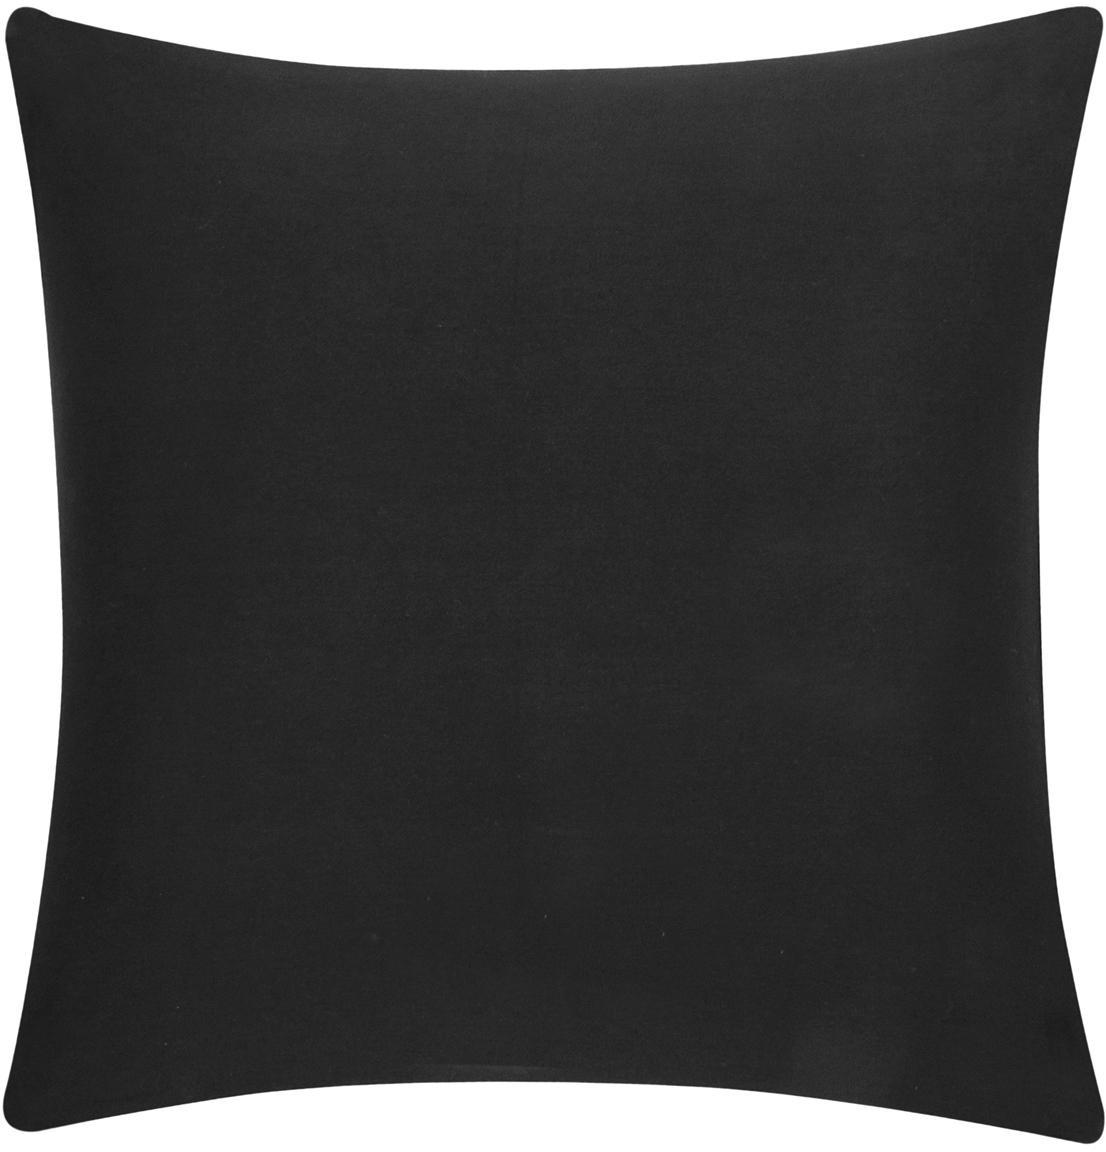 Poszewka na poduszkę Mads, 100% bawełna, Czarny, S 40 x D 40 cm